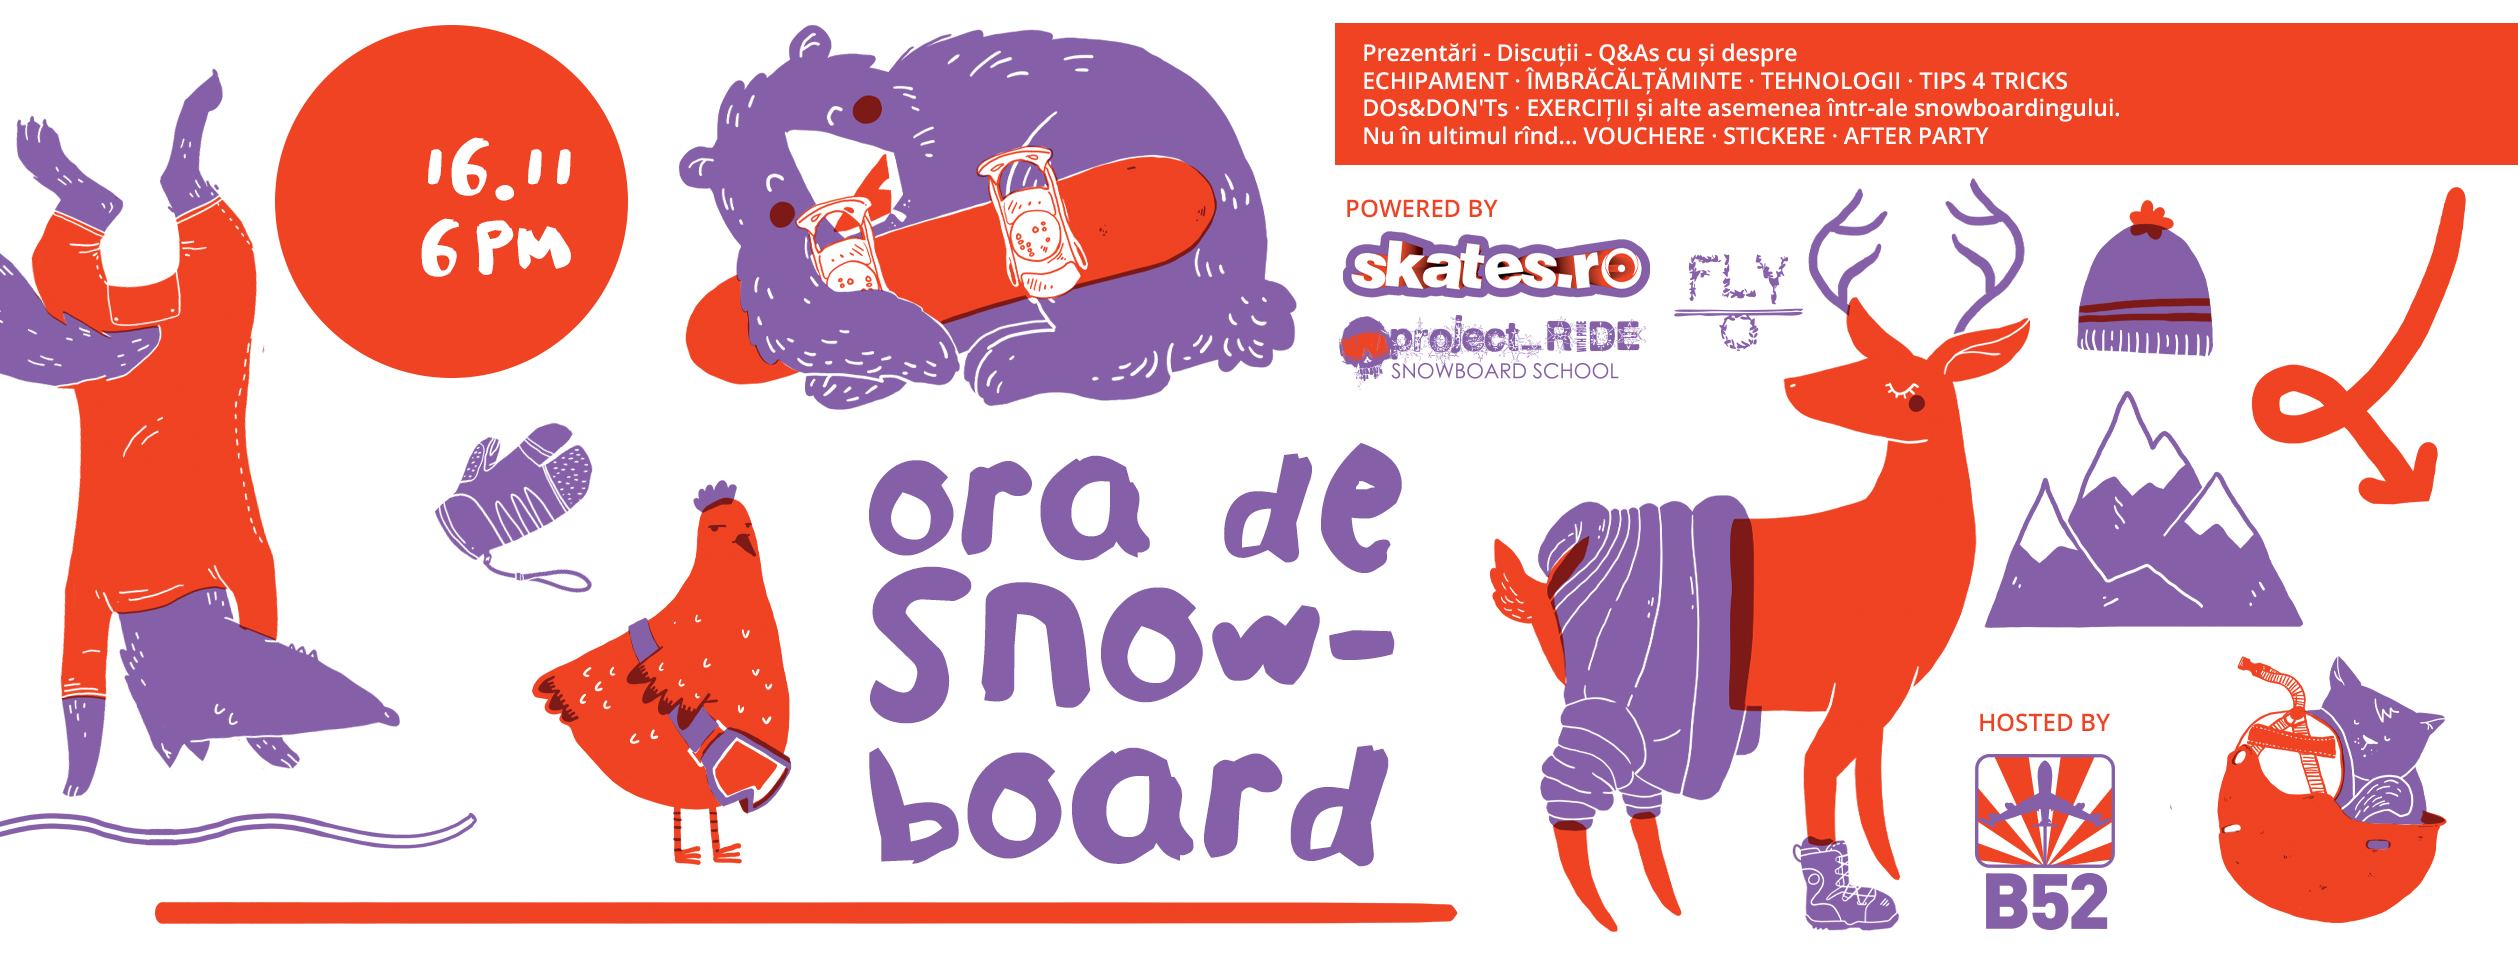 Ora de snowboard Skates.ro